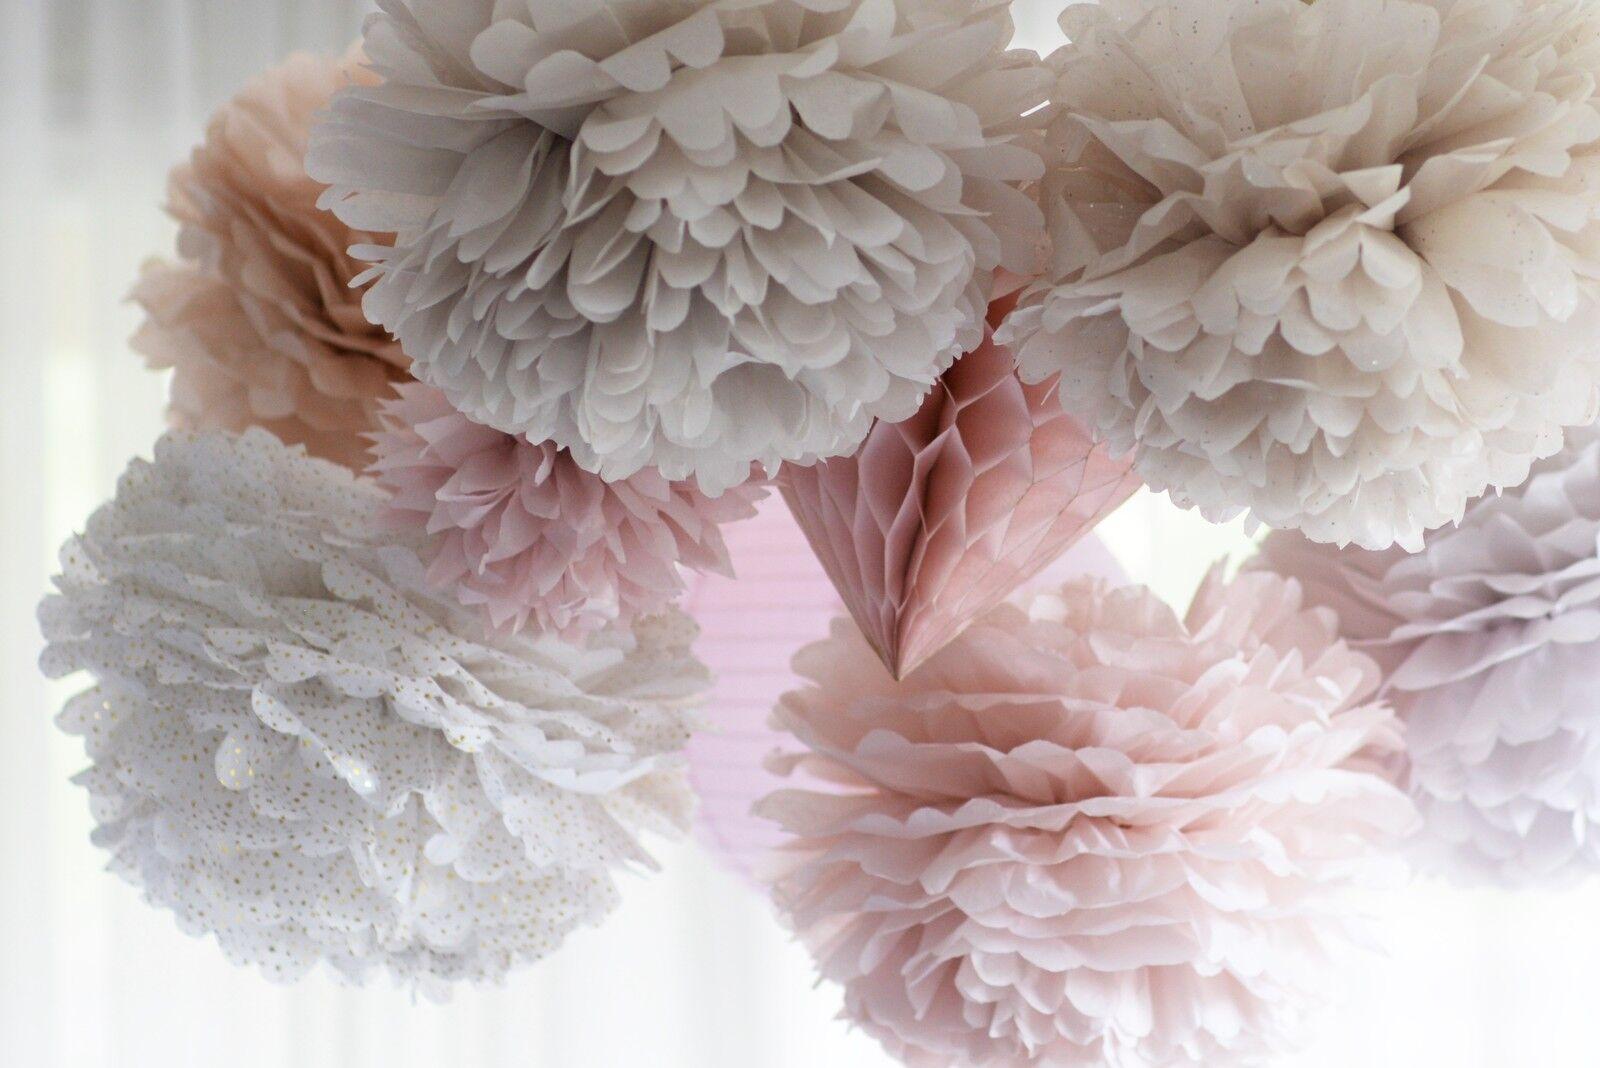 Dusty rose poudré 32 papier tissu pompons ensemble mariage fête nursery décoration set